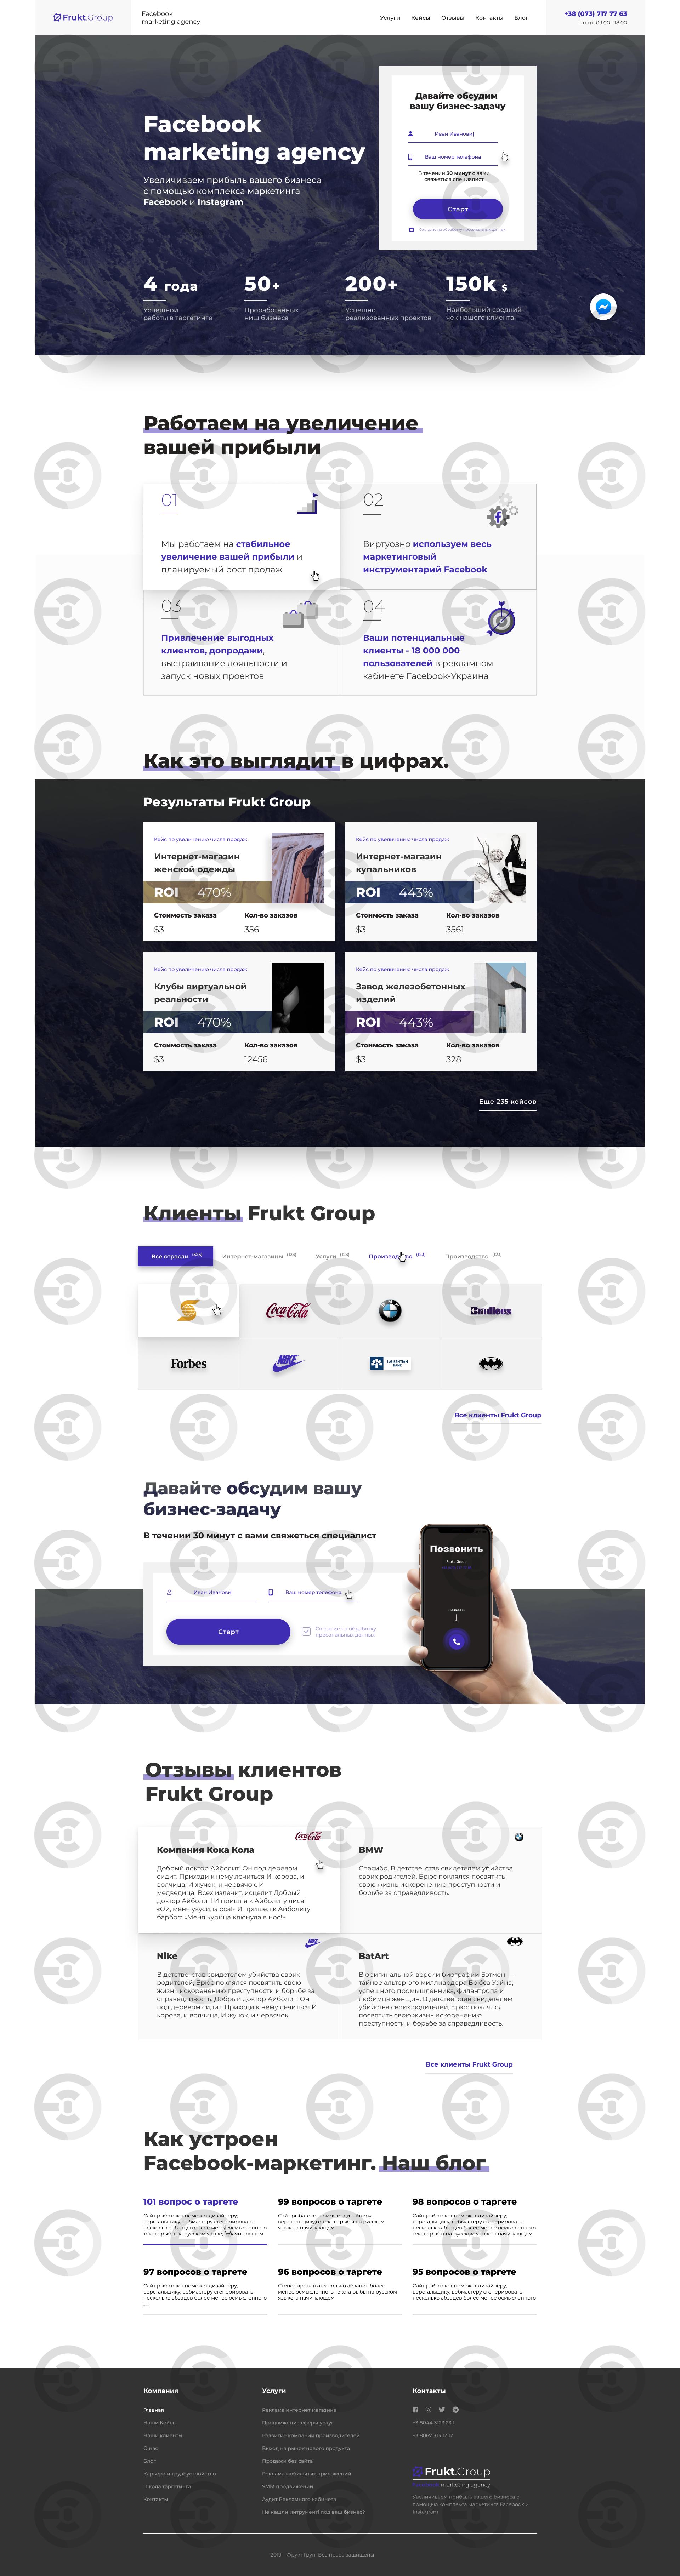 Дизайн Фрукт Груп_правки3.png